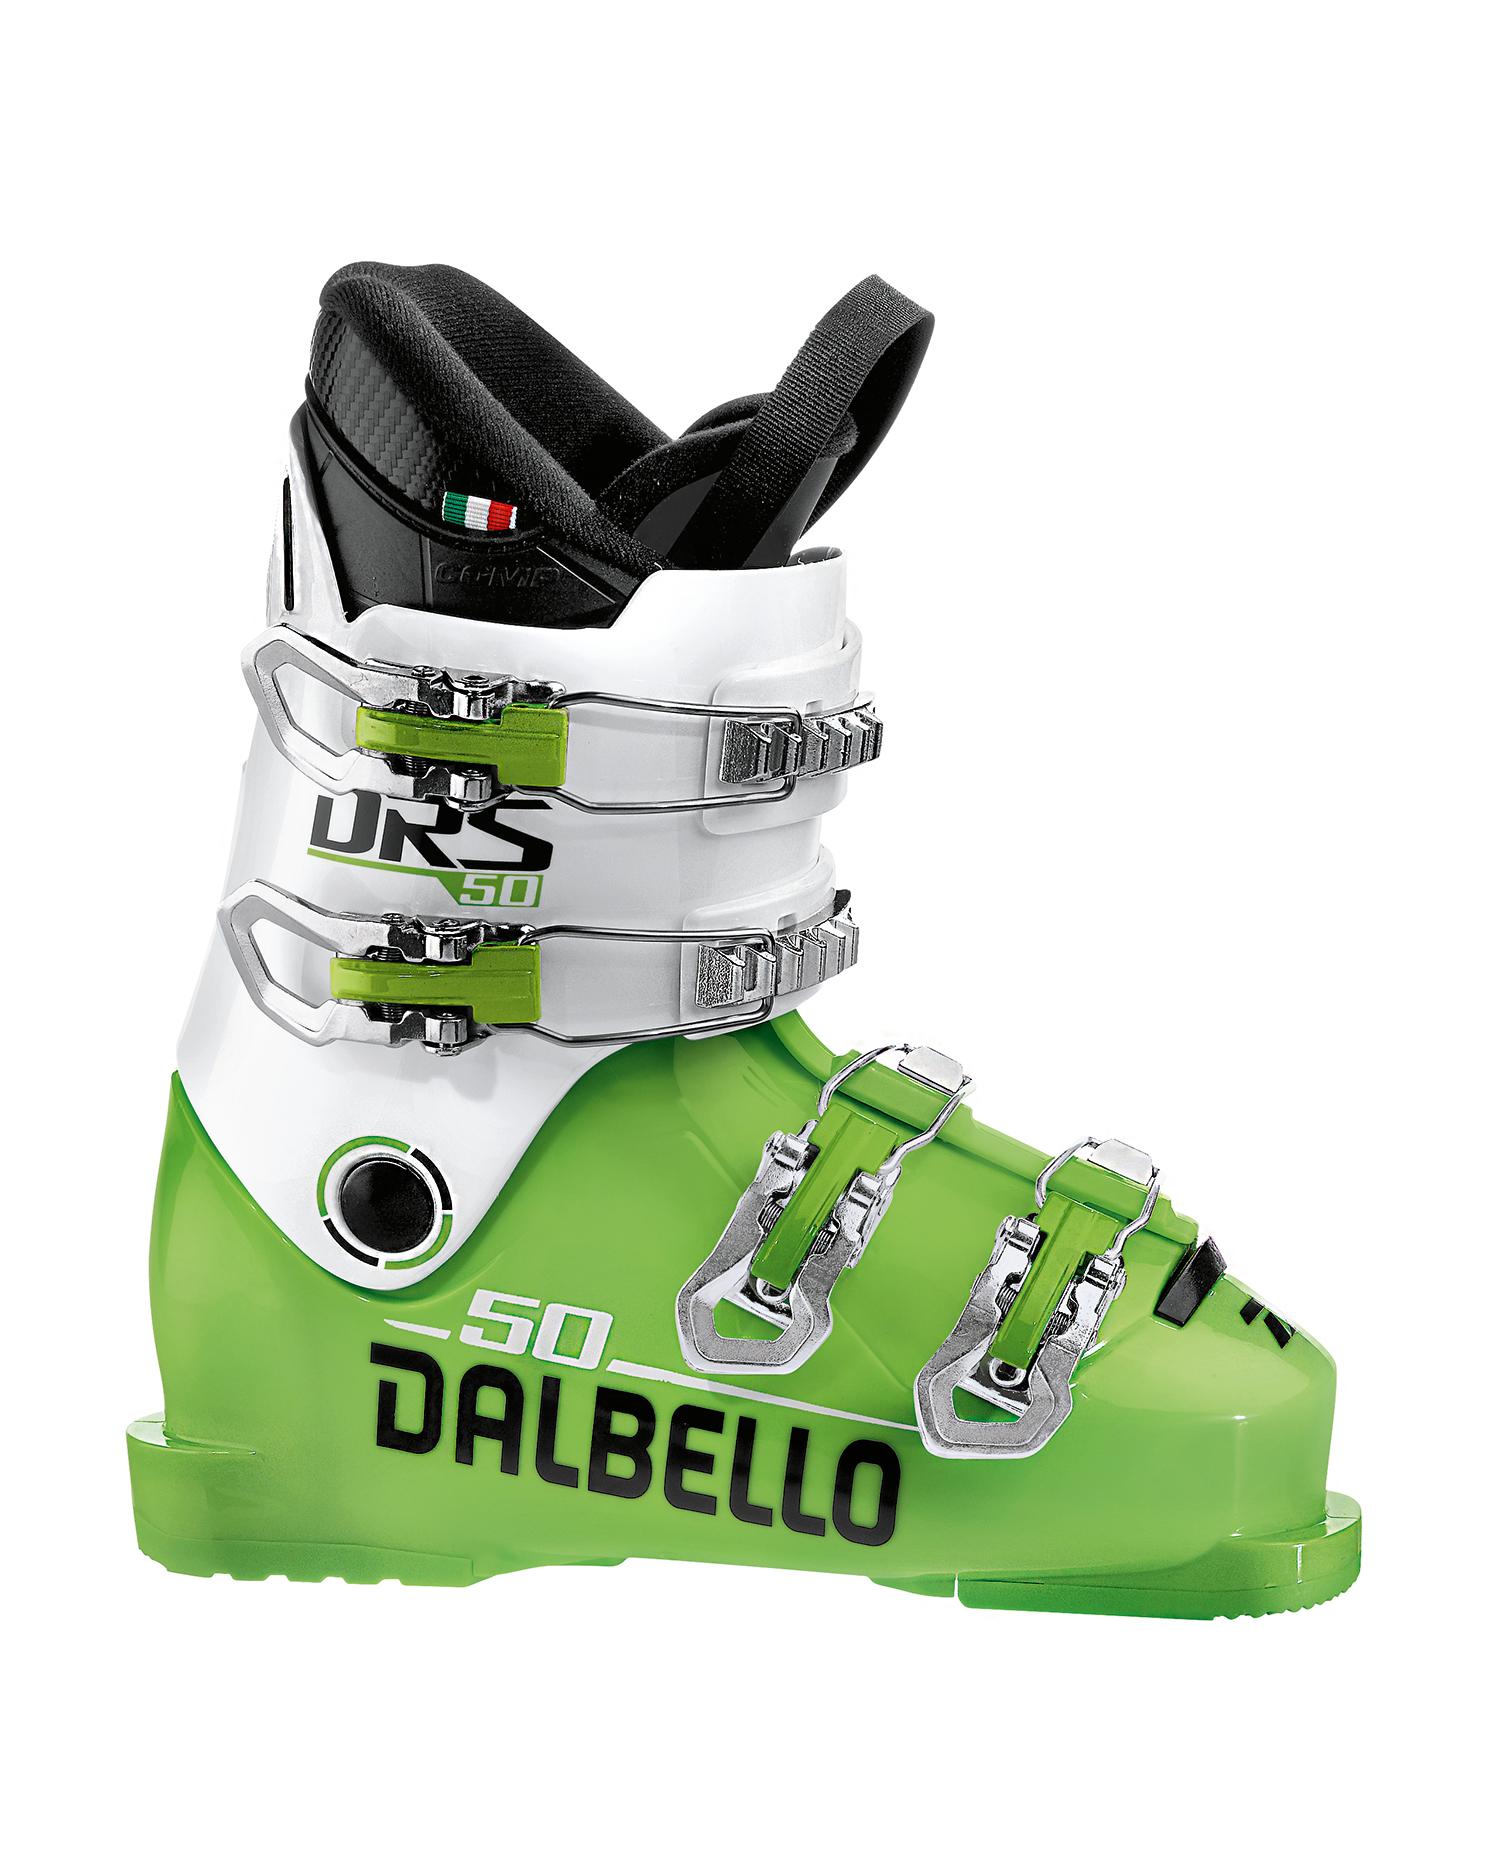 Lyžařské boty Dalbello DRS 50 JR